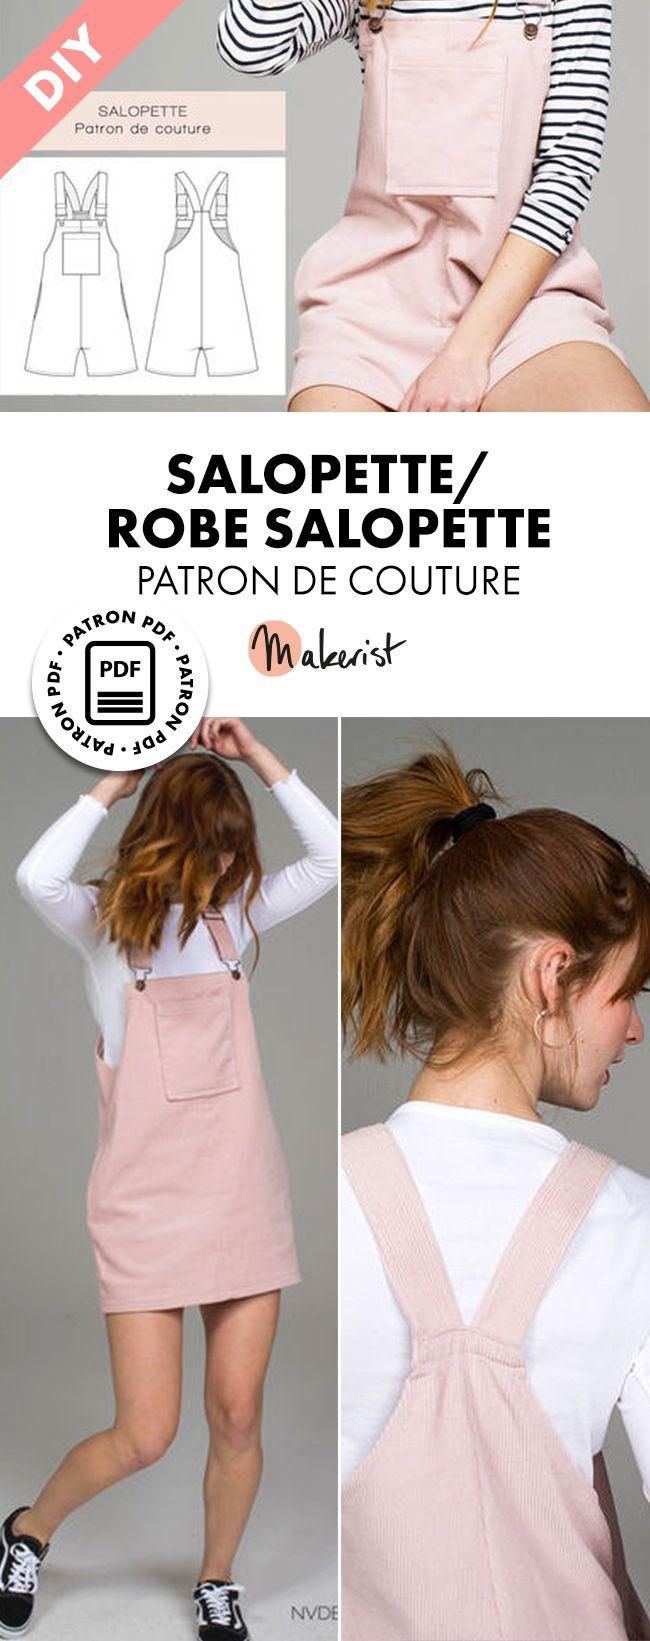 Salopette / Robe Salopette - Patron de couture femme